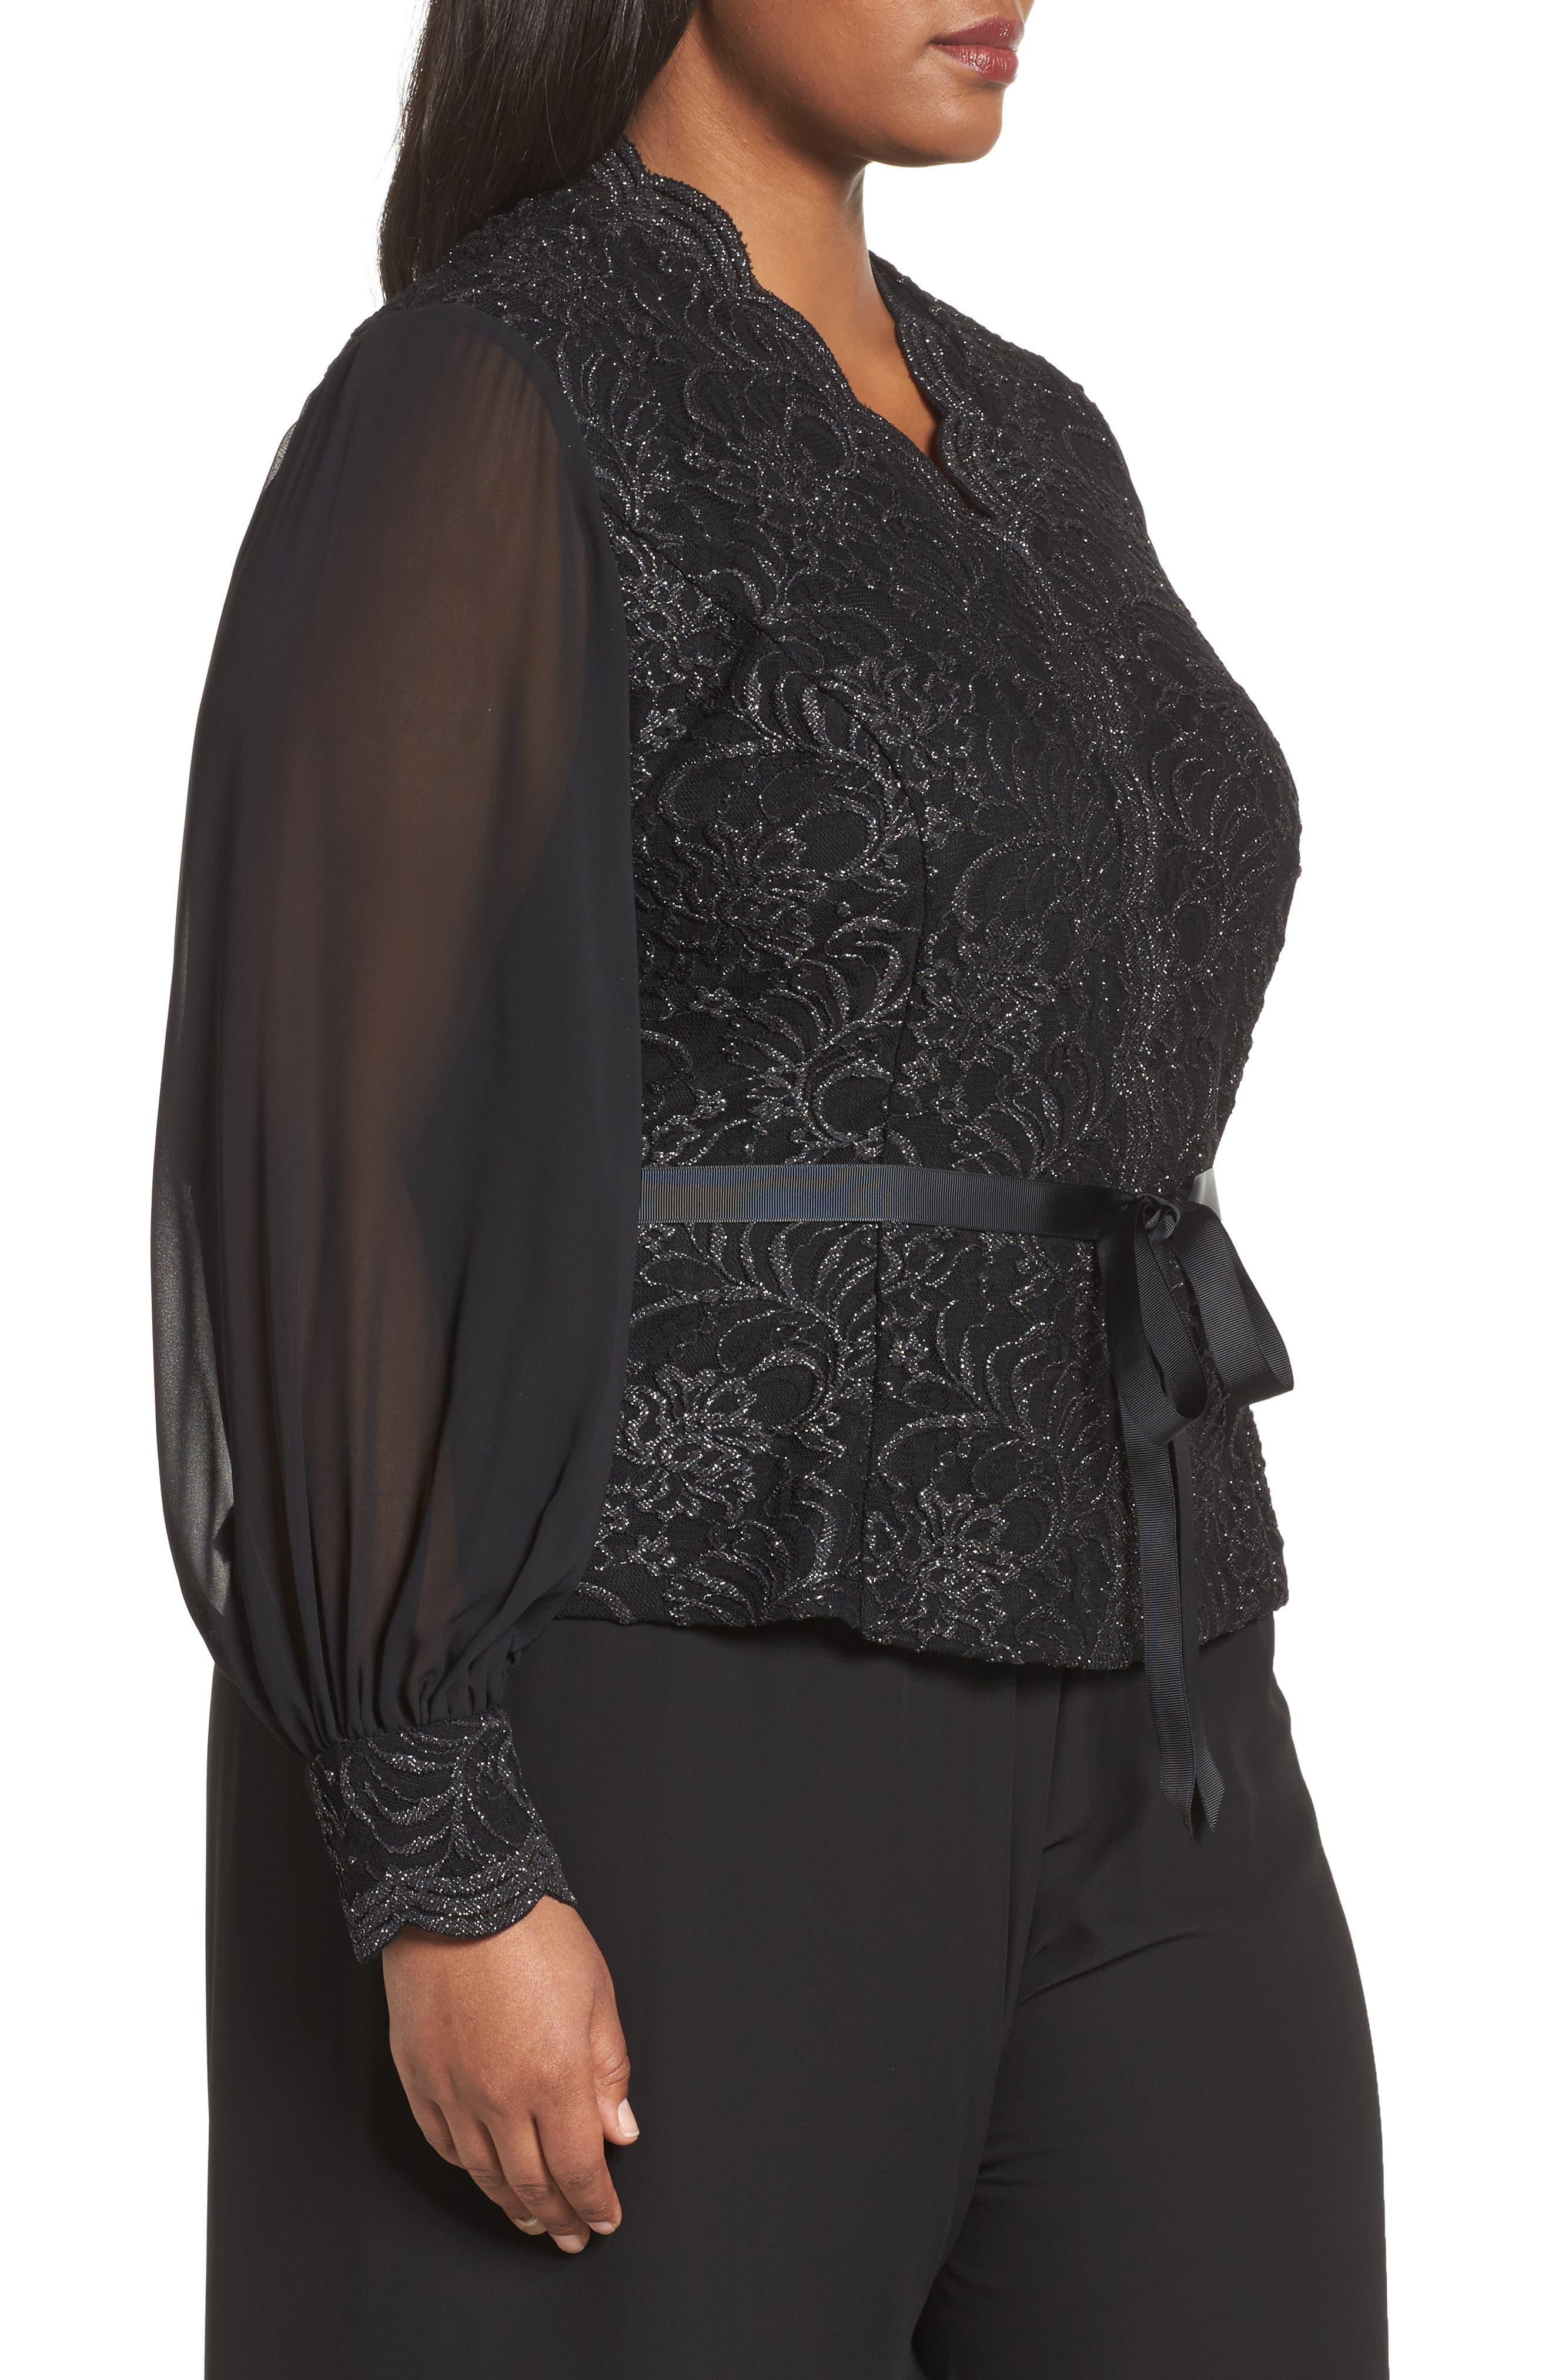 Alternate Image 3  - Alex Evenings Sequin Lace Blouse with Tie Waist (Plus Size)